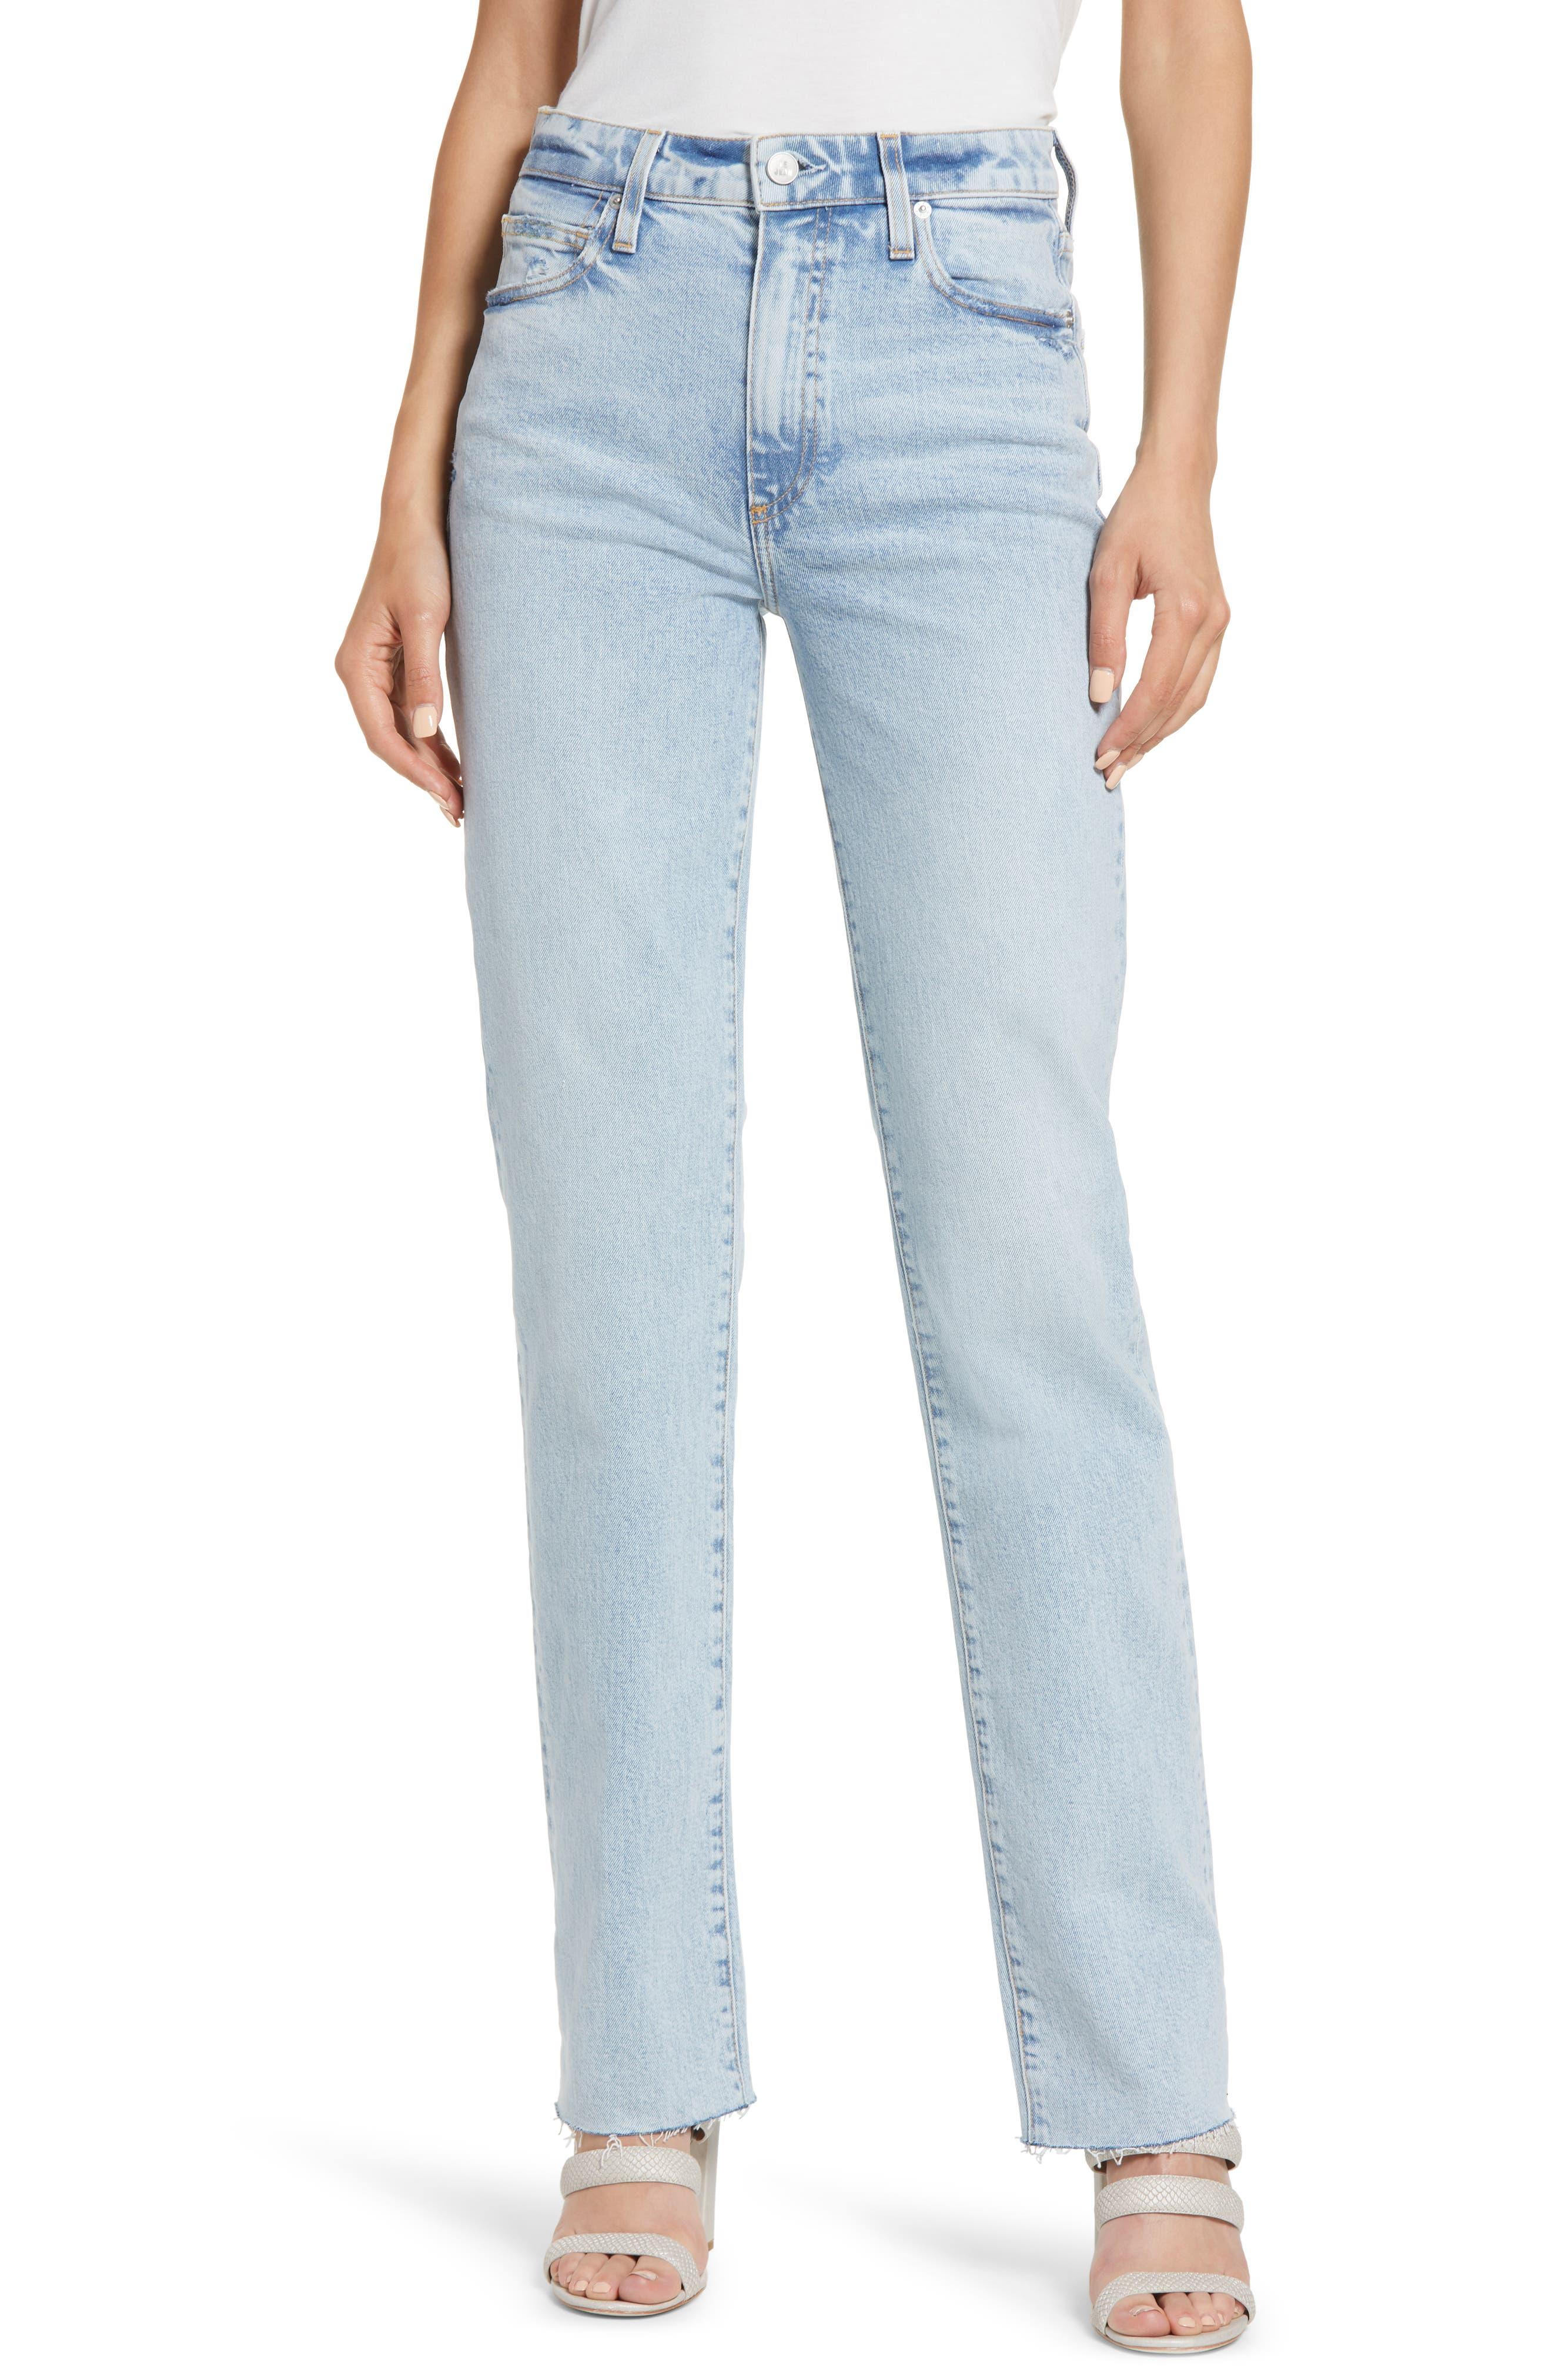 Sabine High Waist Raw Hem Straight Leg Jeans